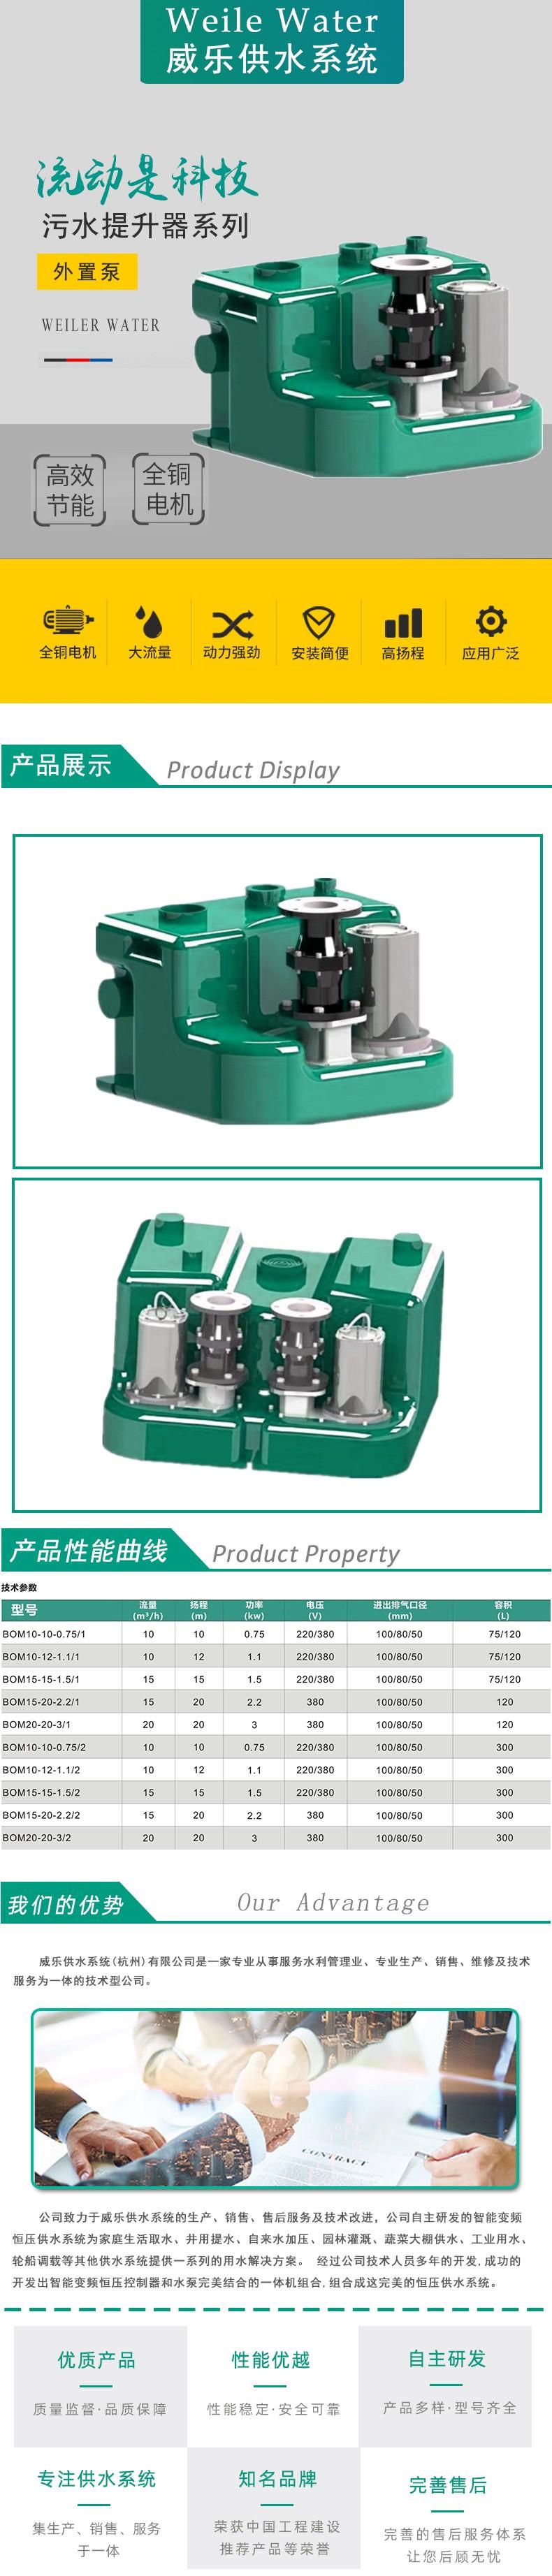 PE小型外置泵污水提升器系列